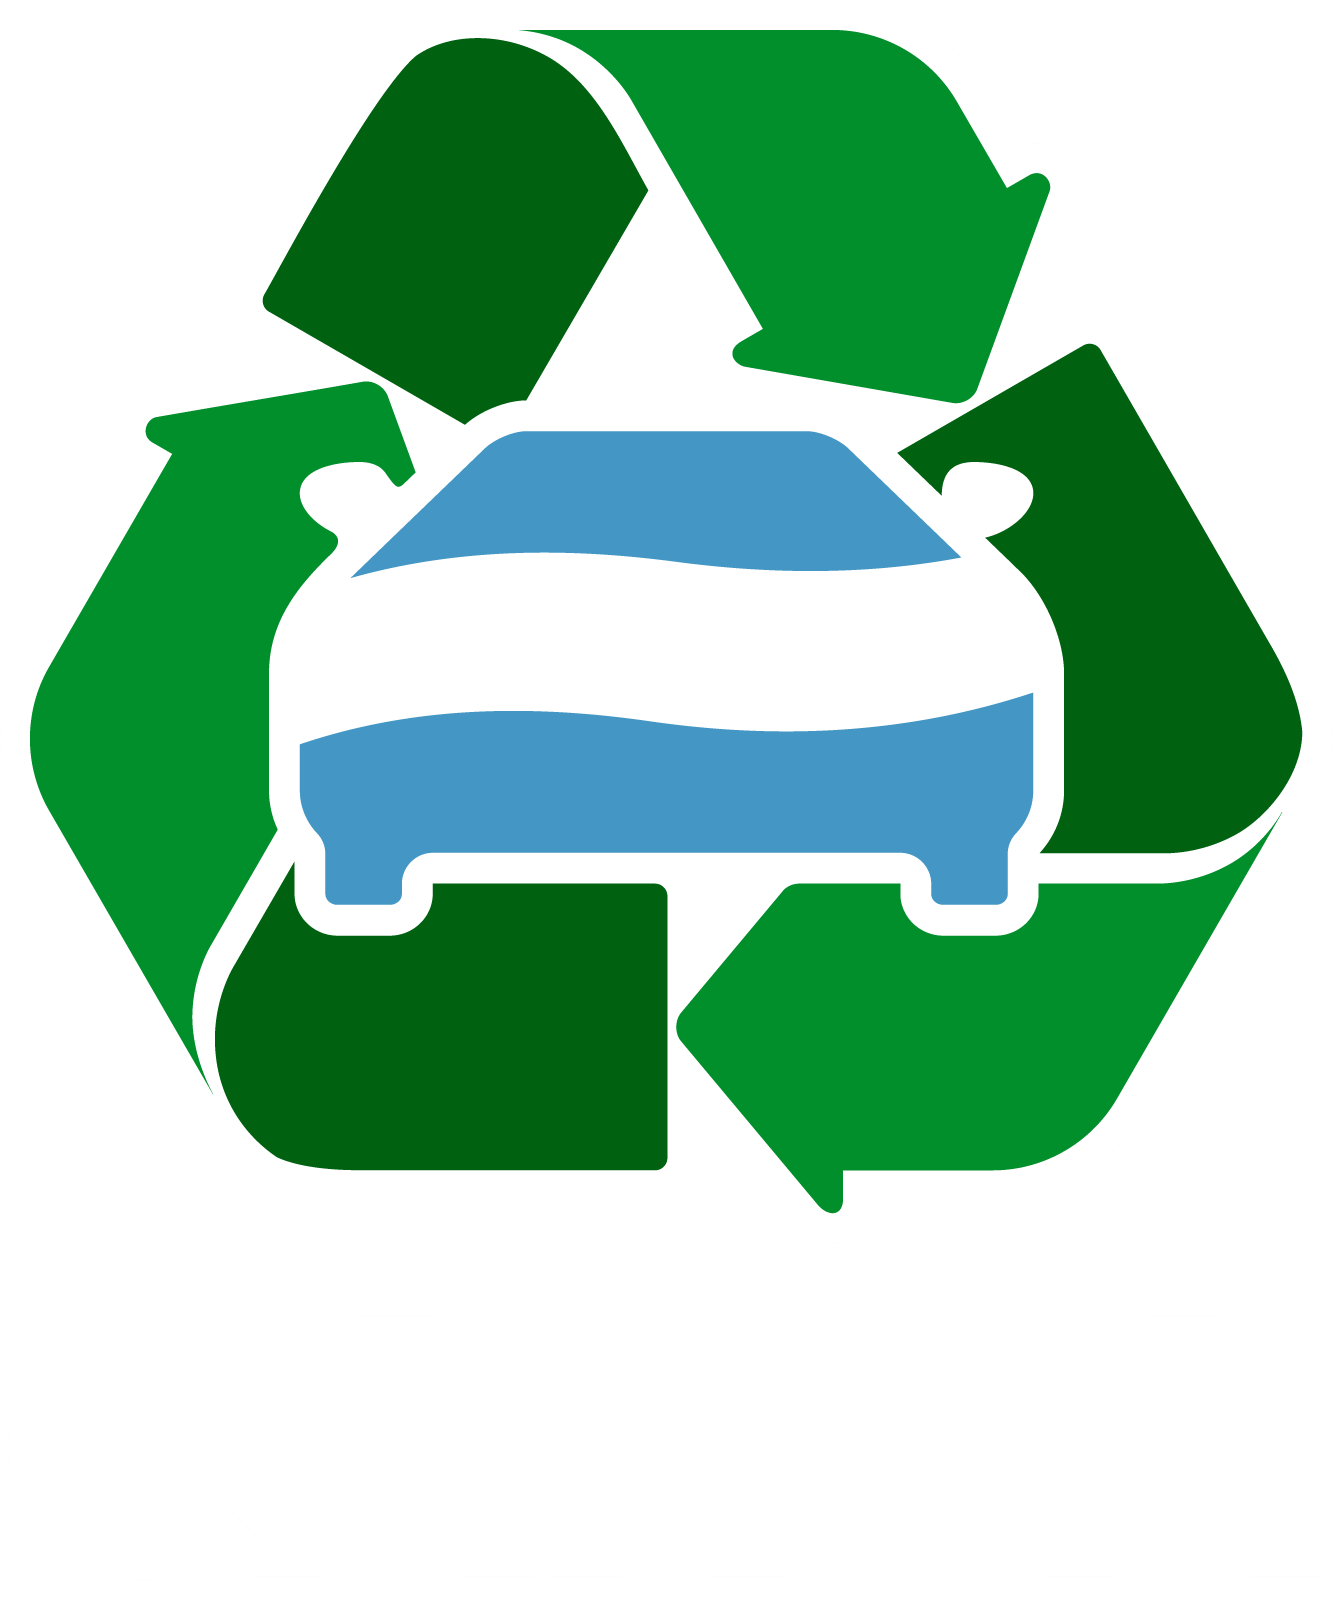 CARVA Cámara de recuperadores y venta de autopartes